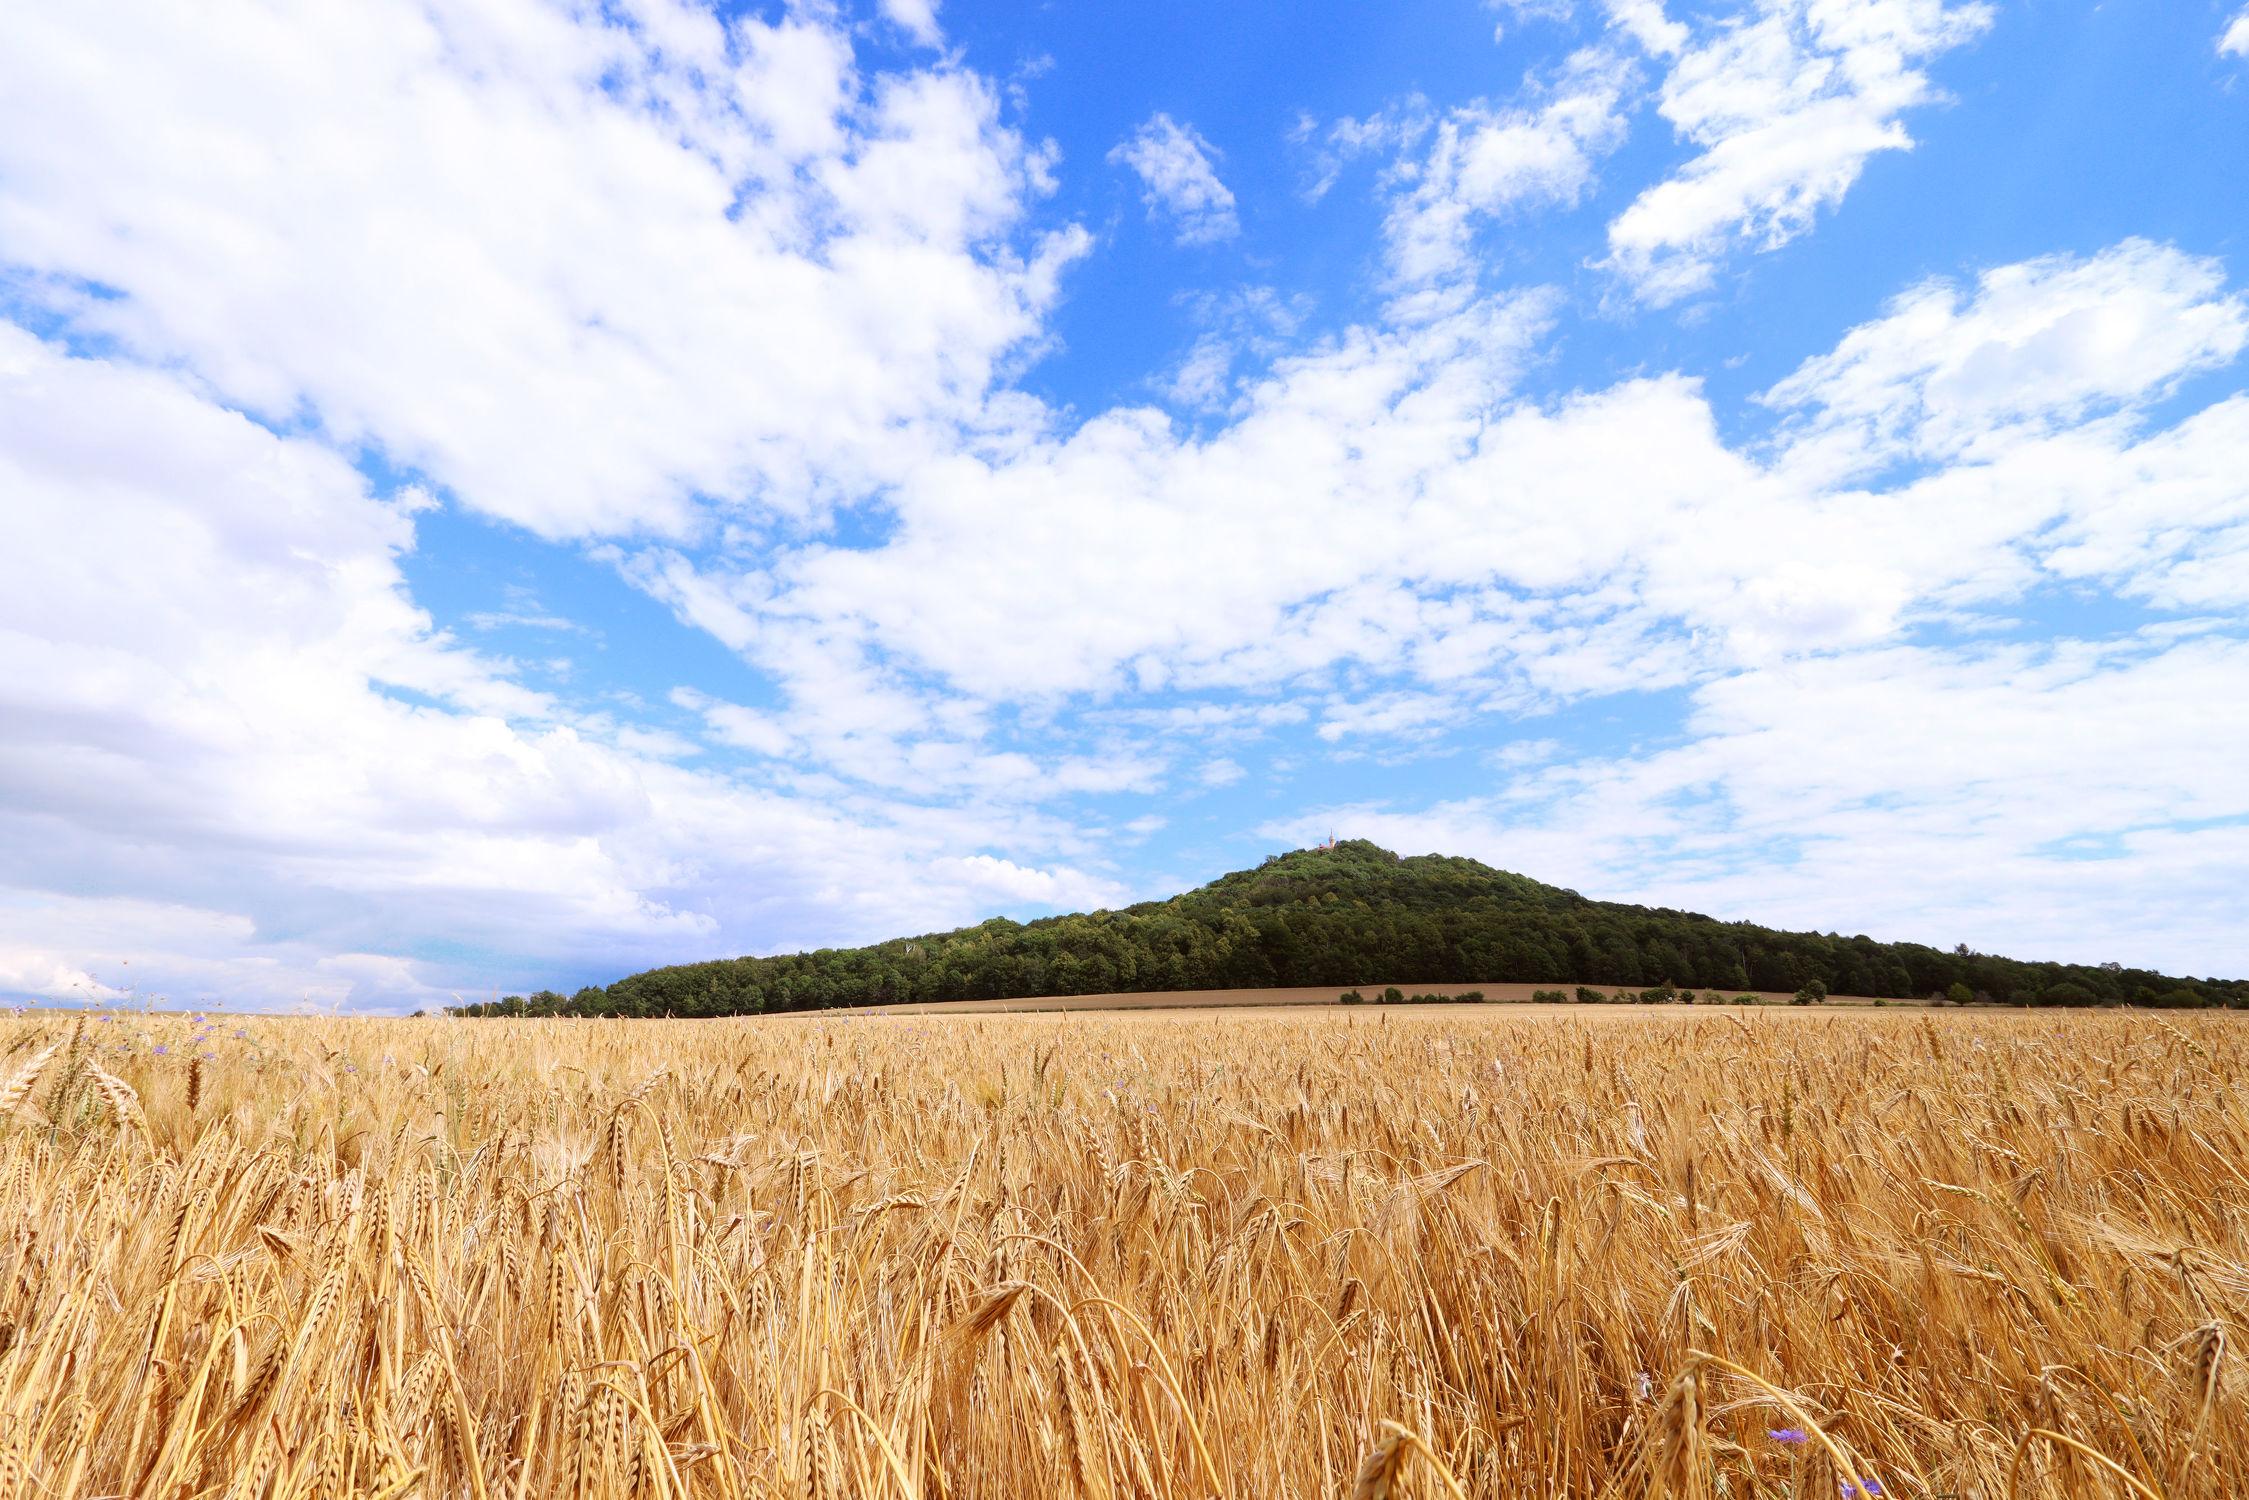 Bild mit Natur, Wolken, Wolkenhimmel, Landschaft, Görlitz, Feld, Landeskrone, Hausberg, Oberlausitz, Landschaftspanorama